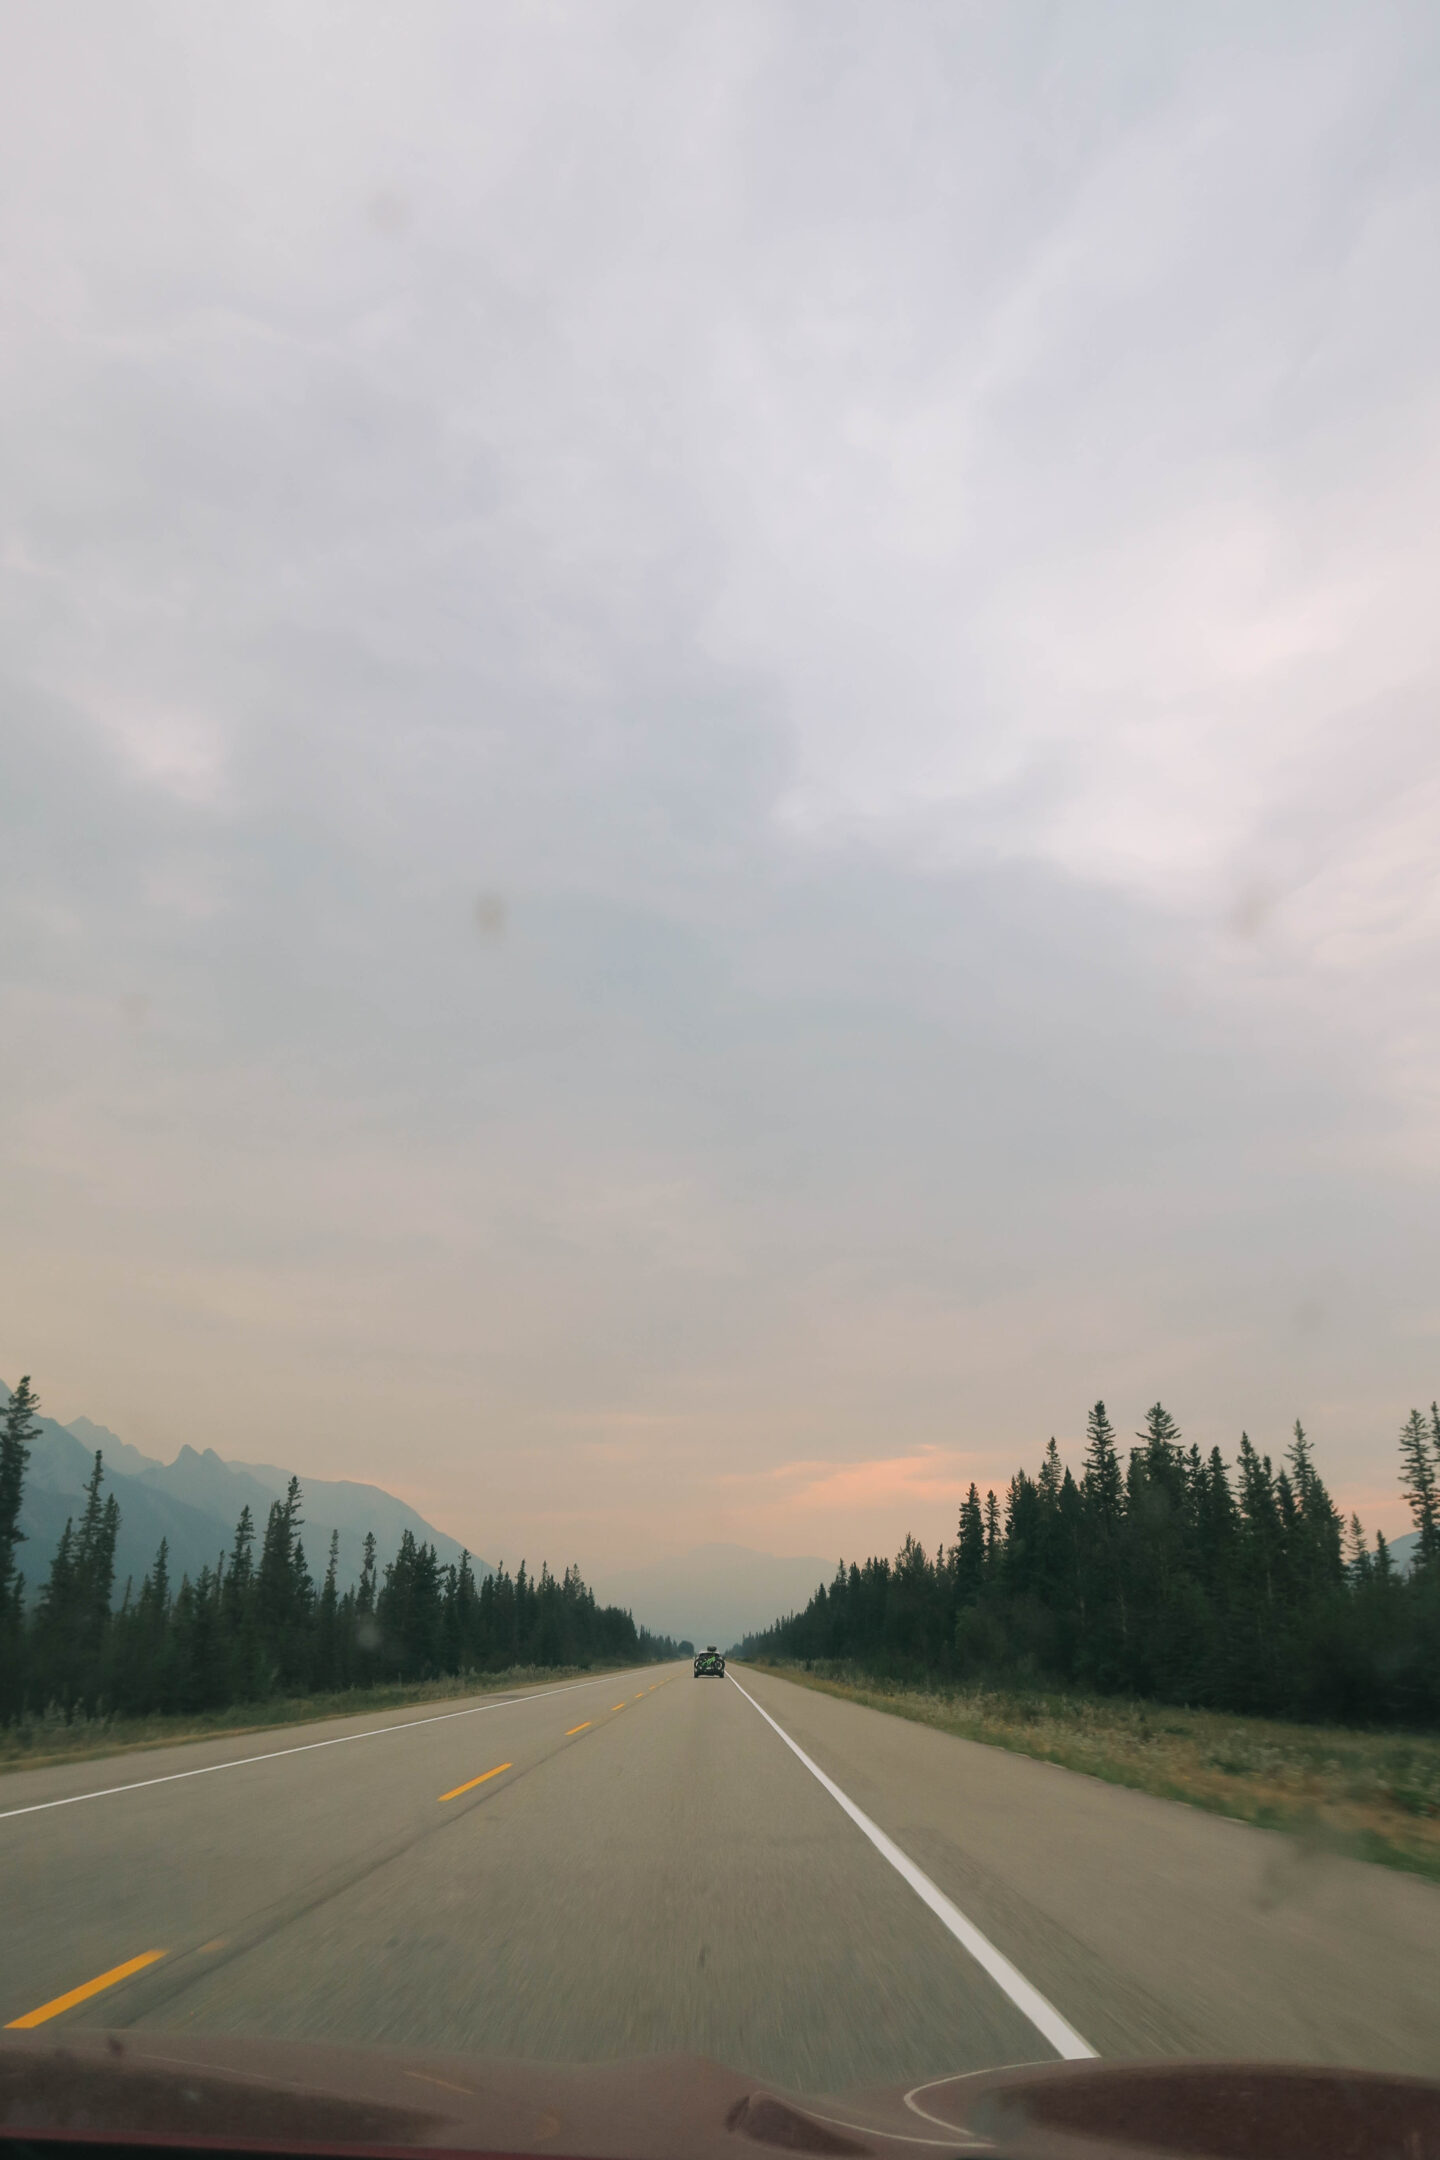 Hazy sky in Jasper, Alberta